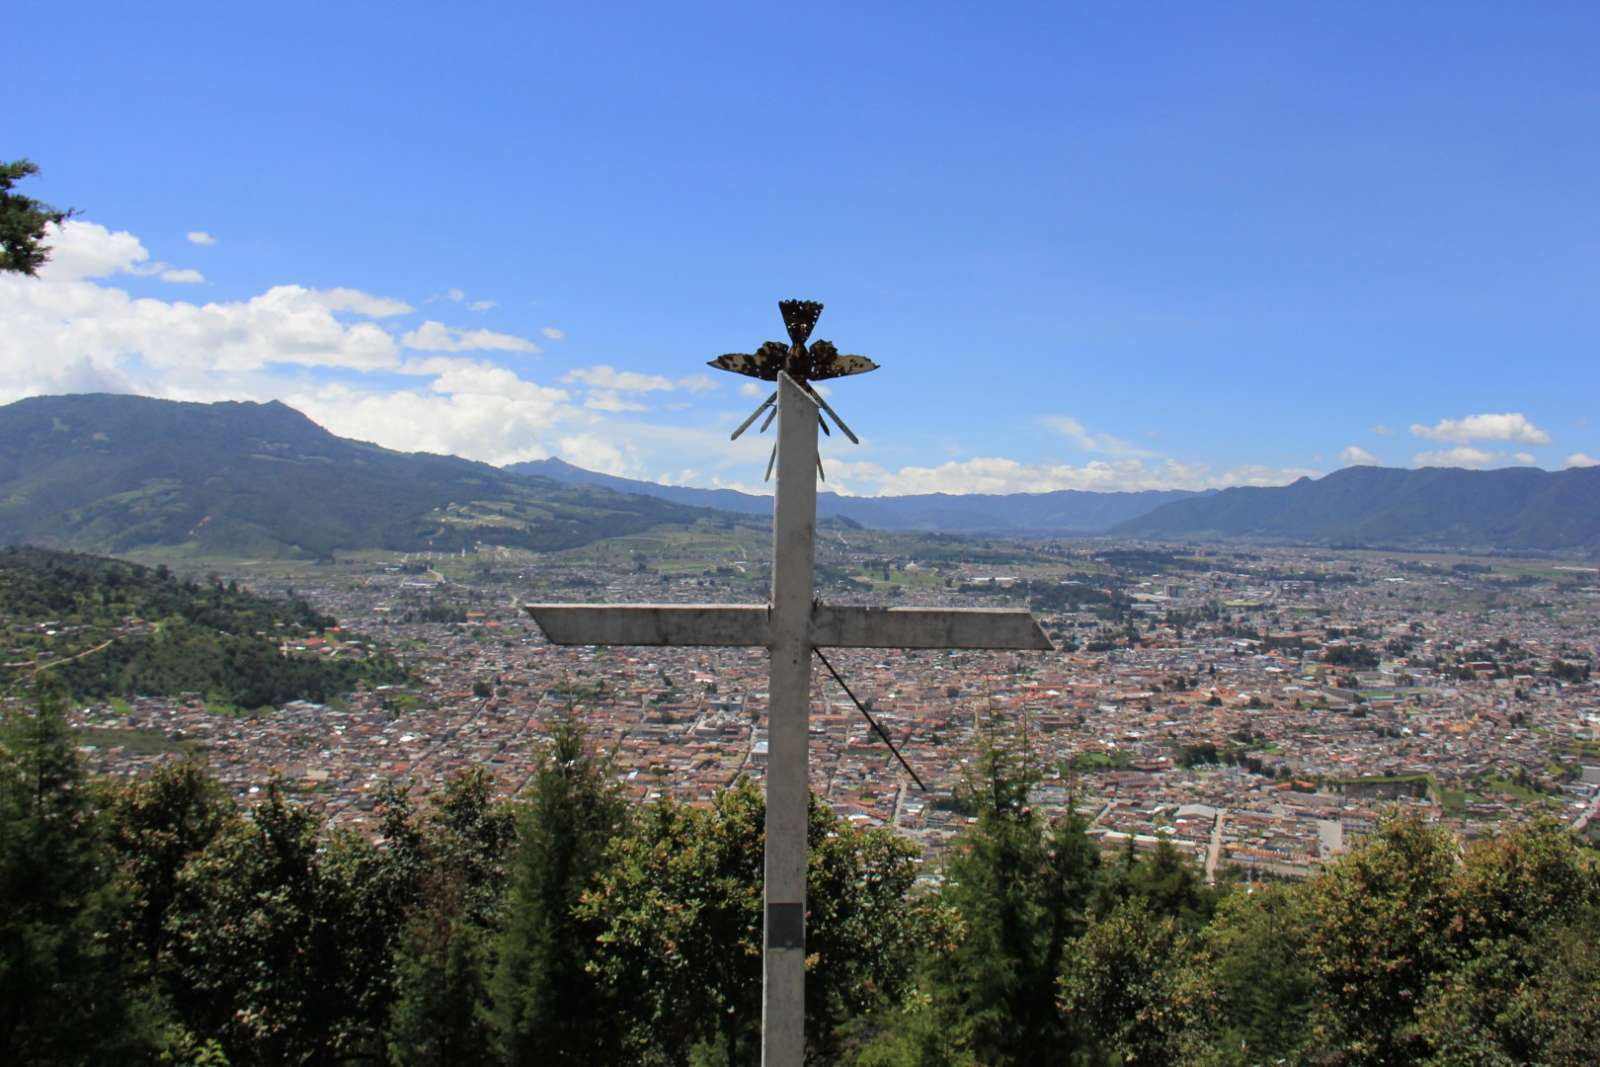 Cross overlooking Quetzaltenango, Guatemala